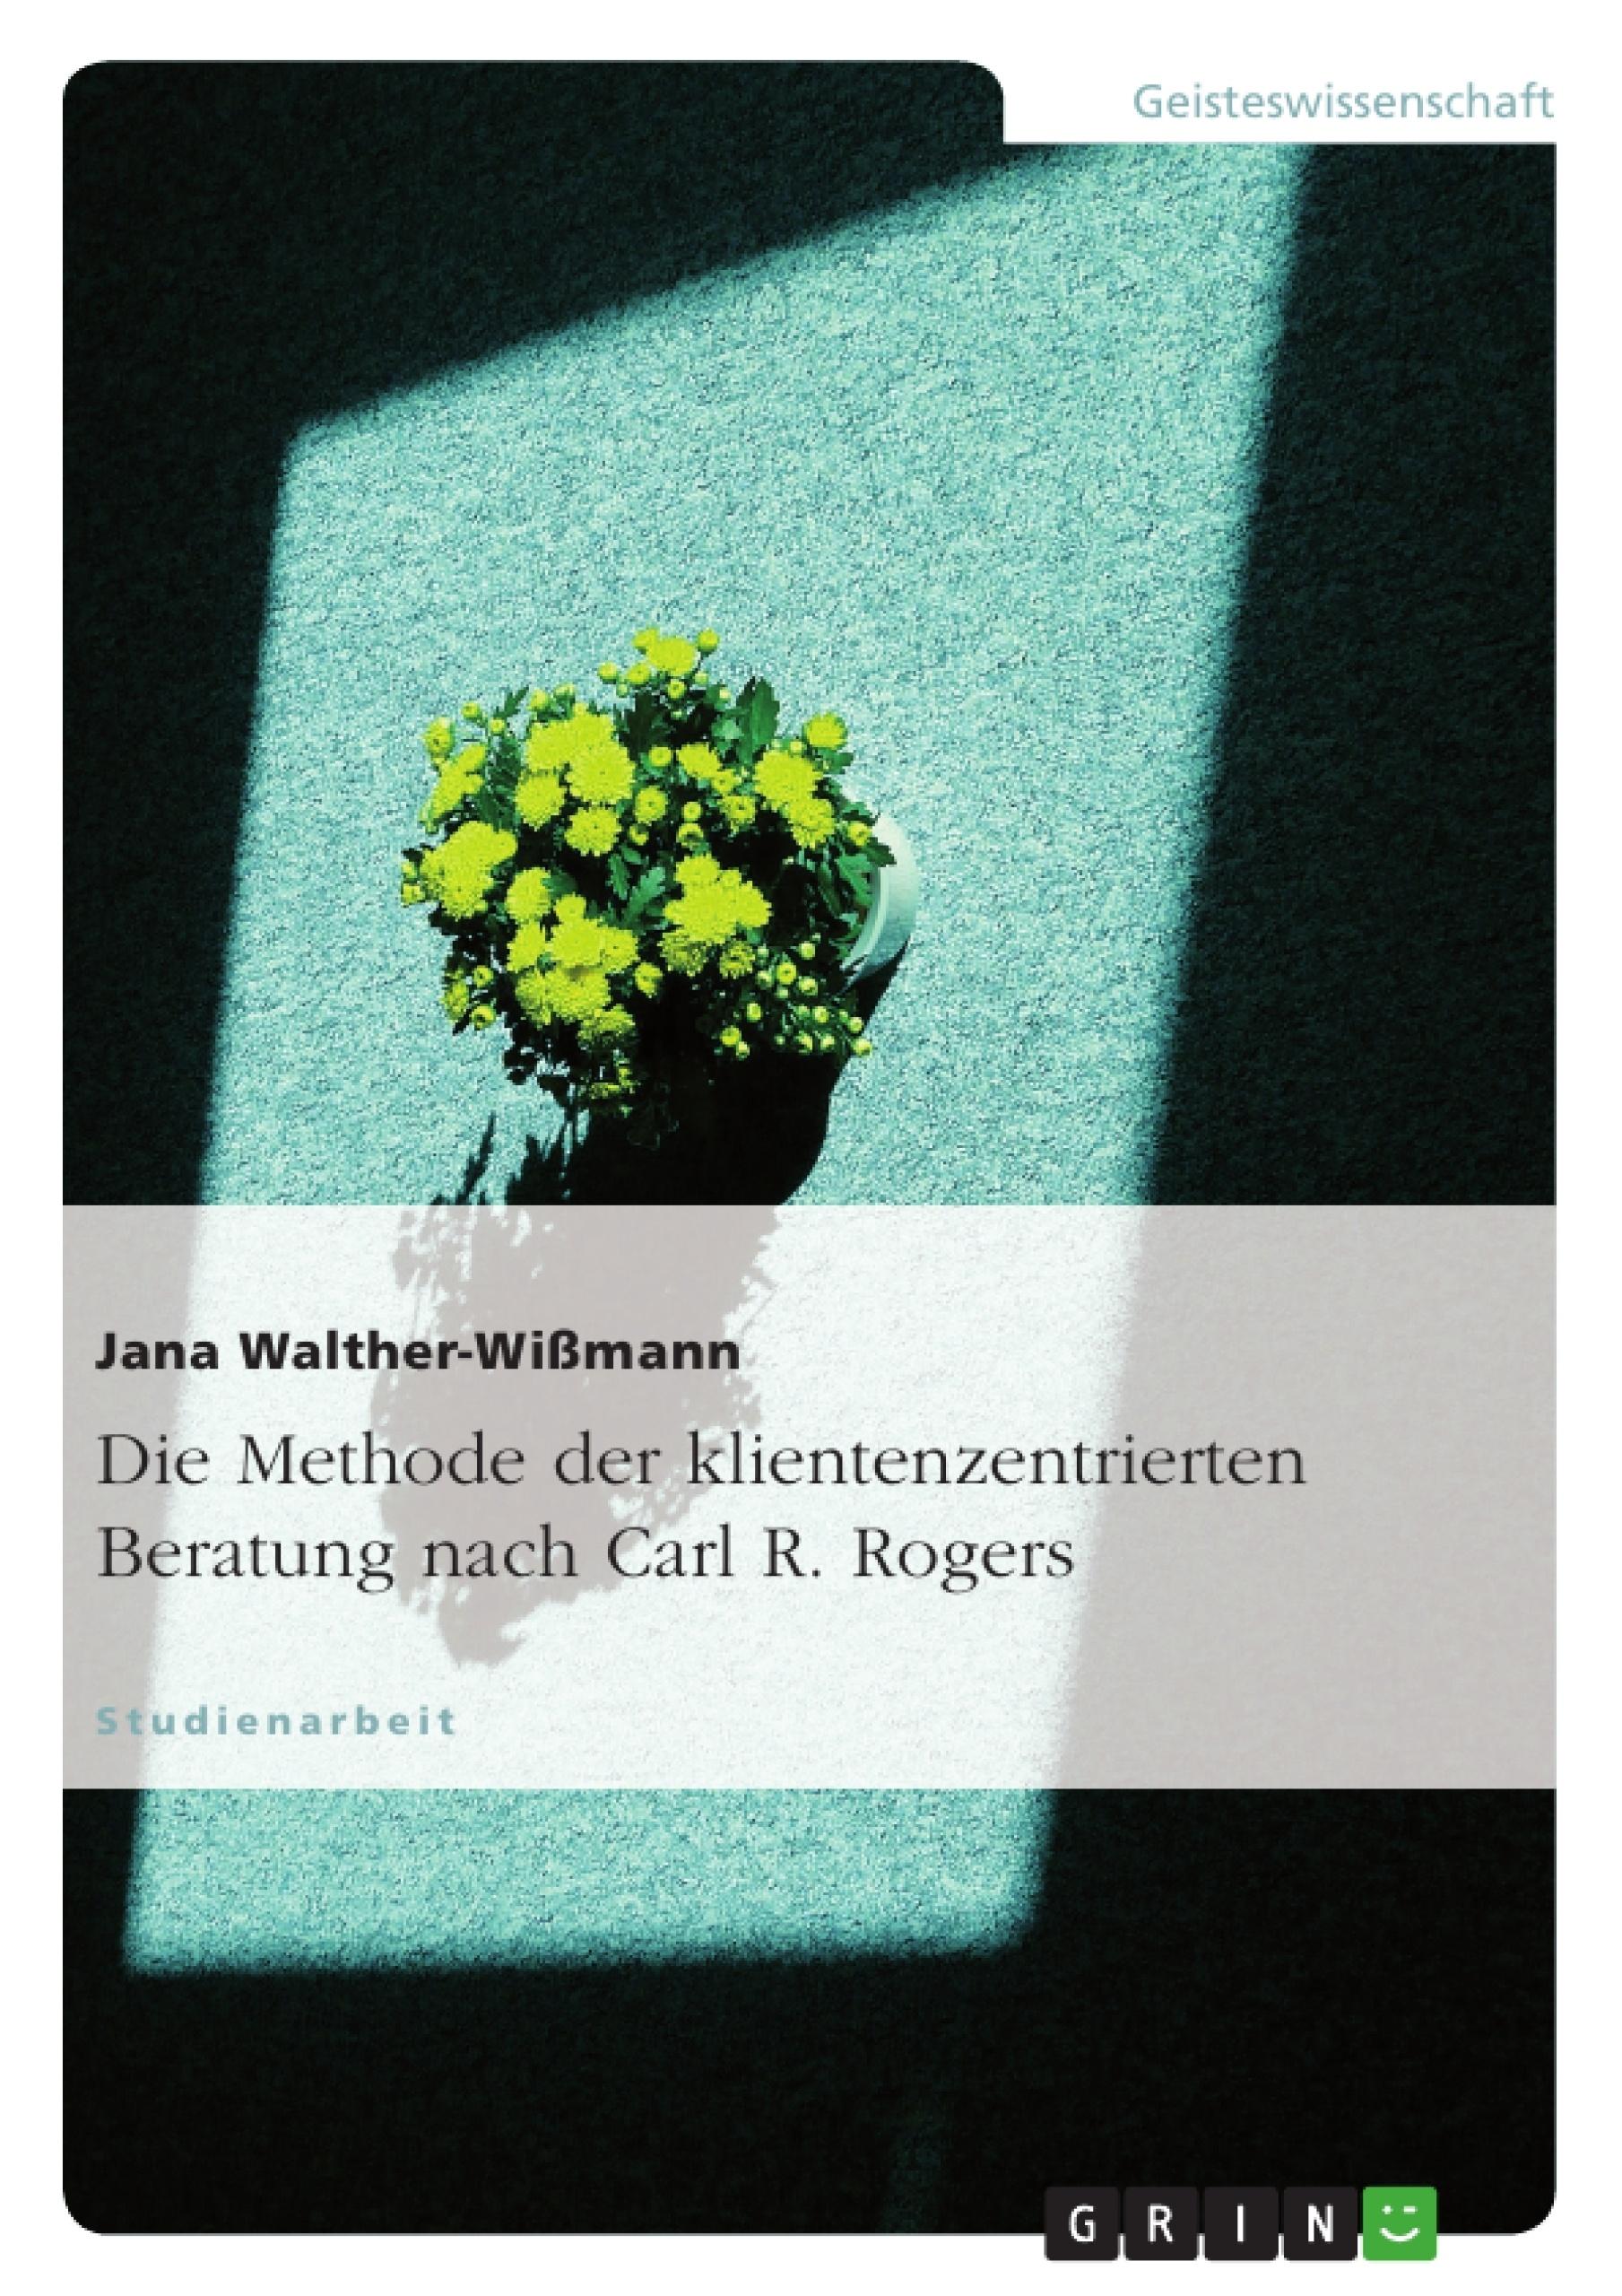 Titel: Die Methode der klientenzentrierten Beratung nach Carl R. Rogers